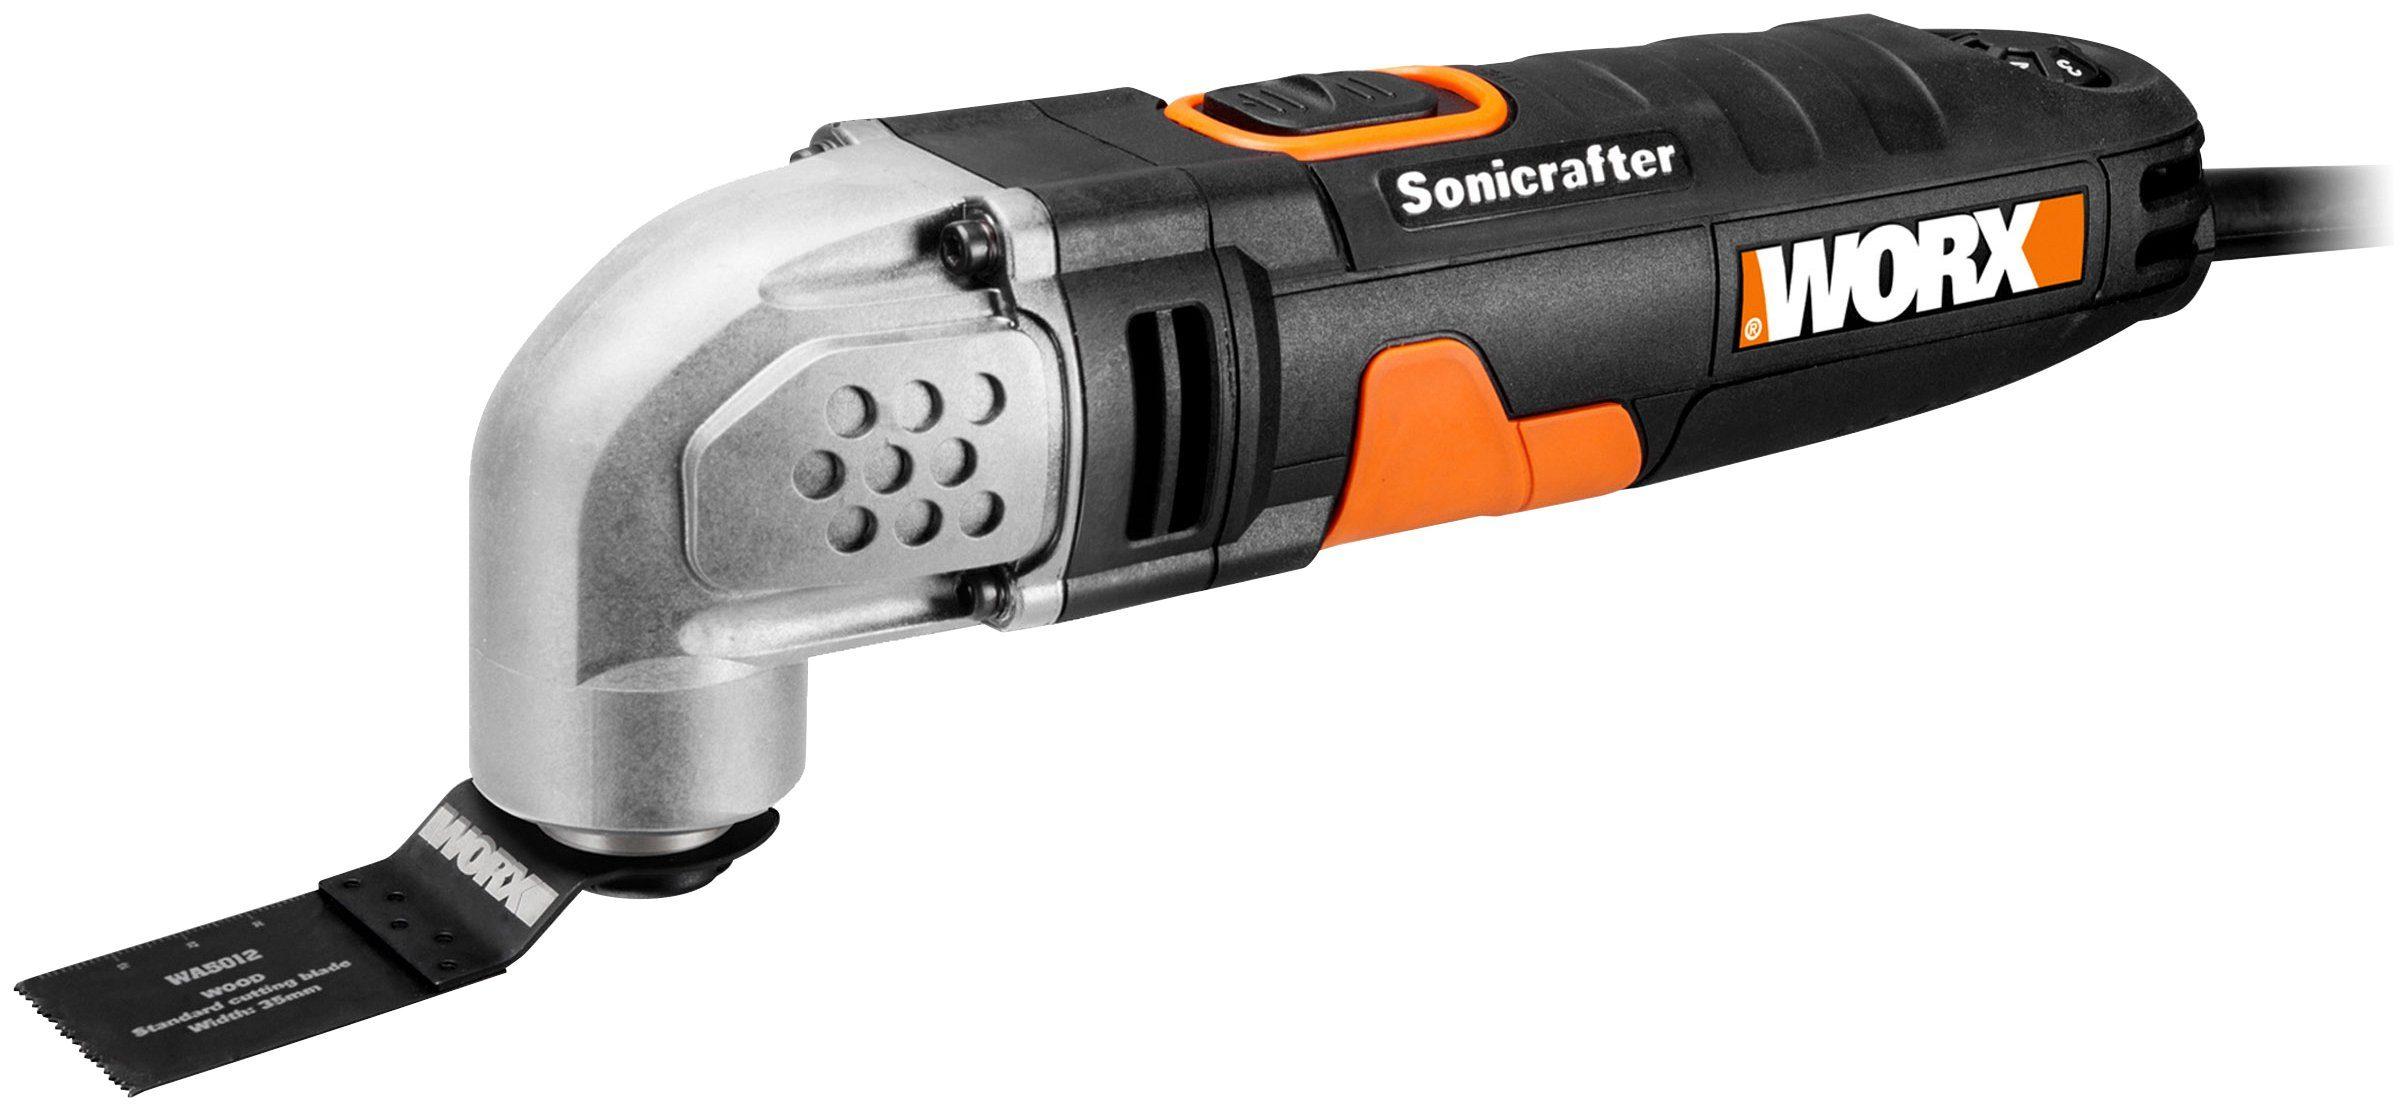 WORX Multifunktionswerkzeug »Sonicrafter WX667«, 230 W